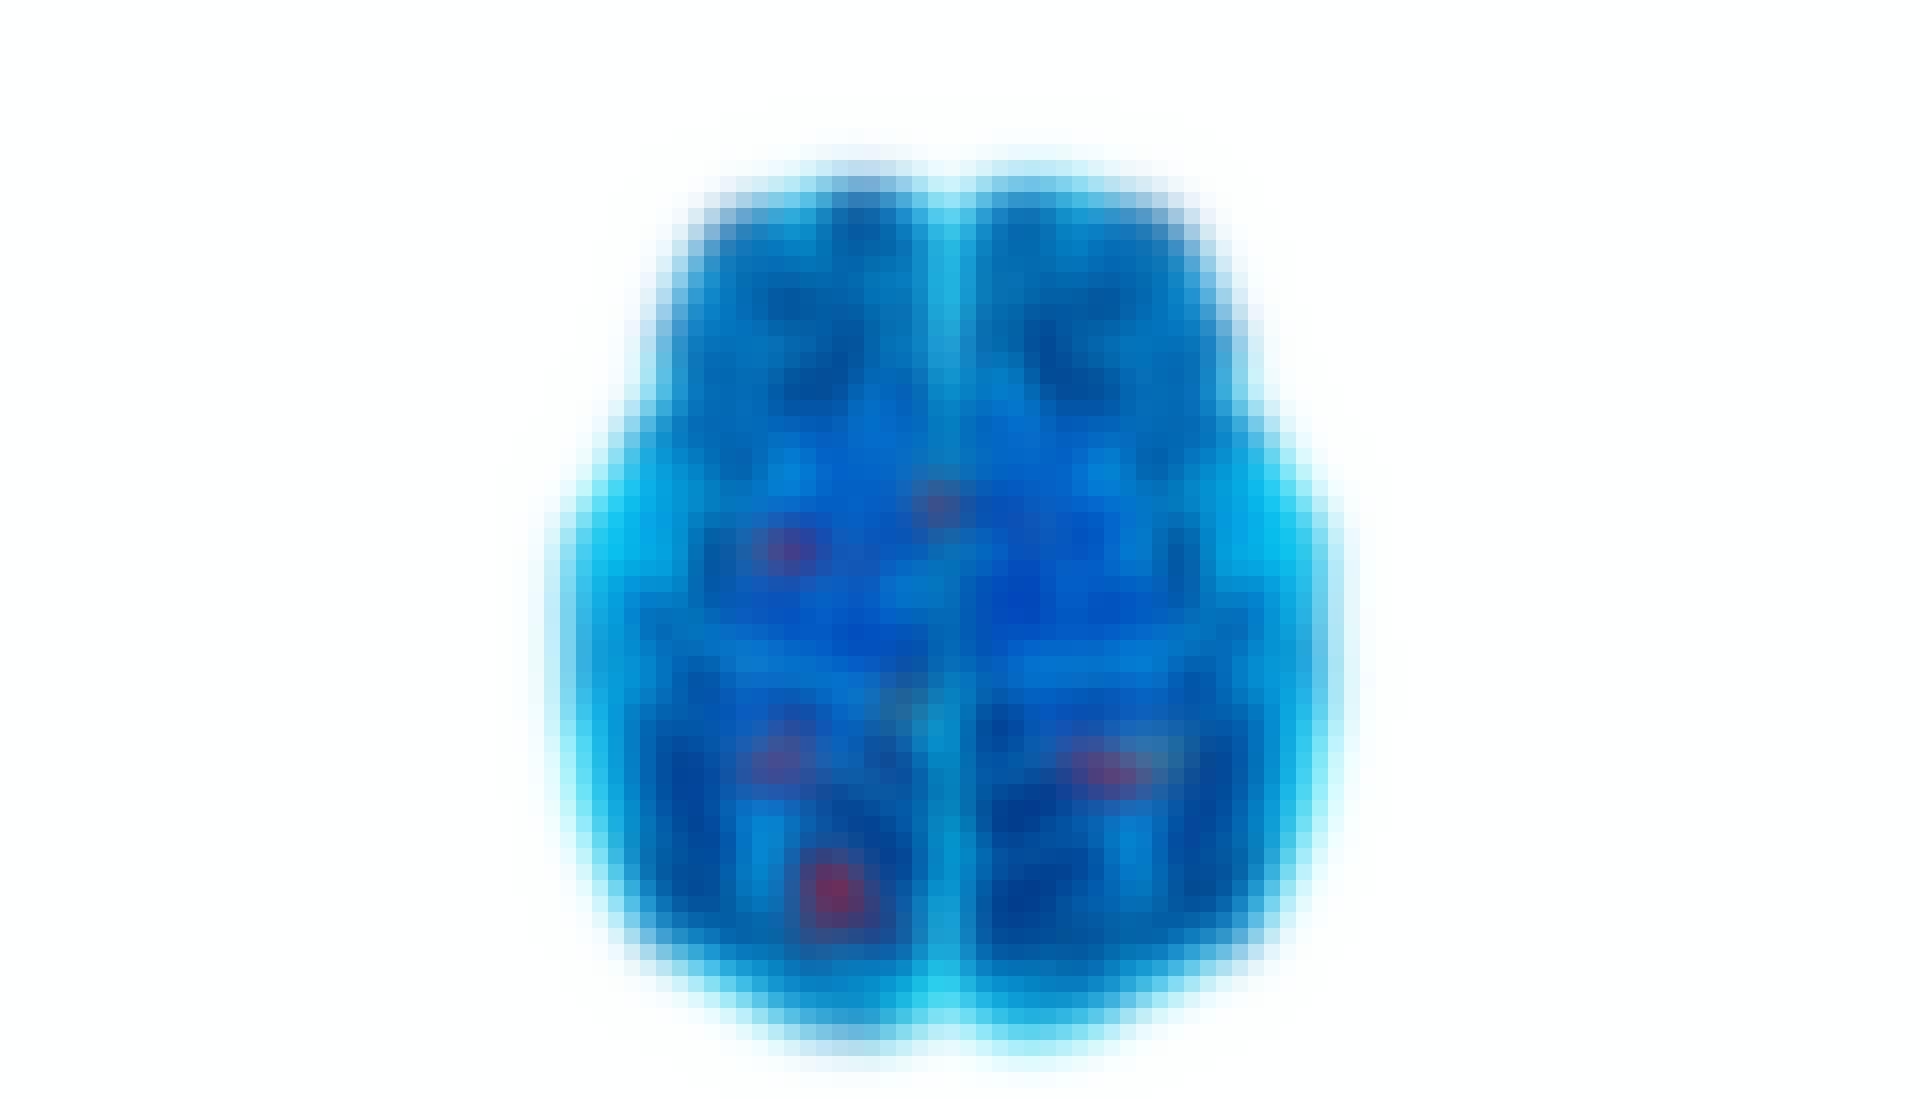 hjerneskanning